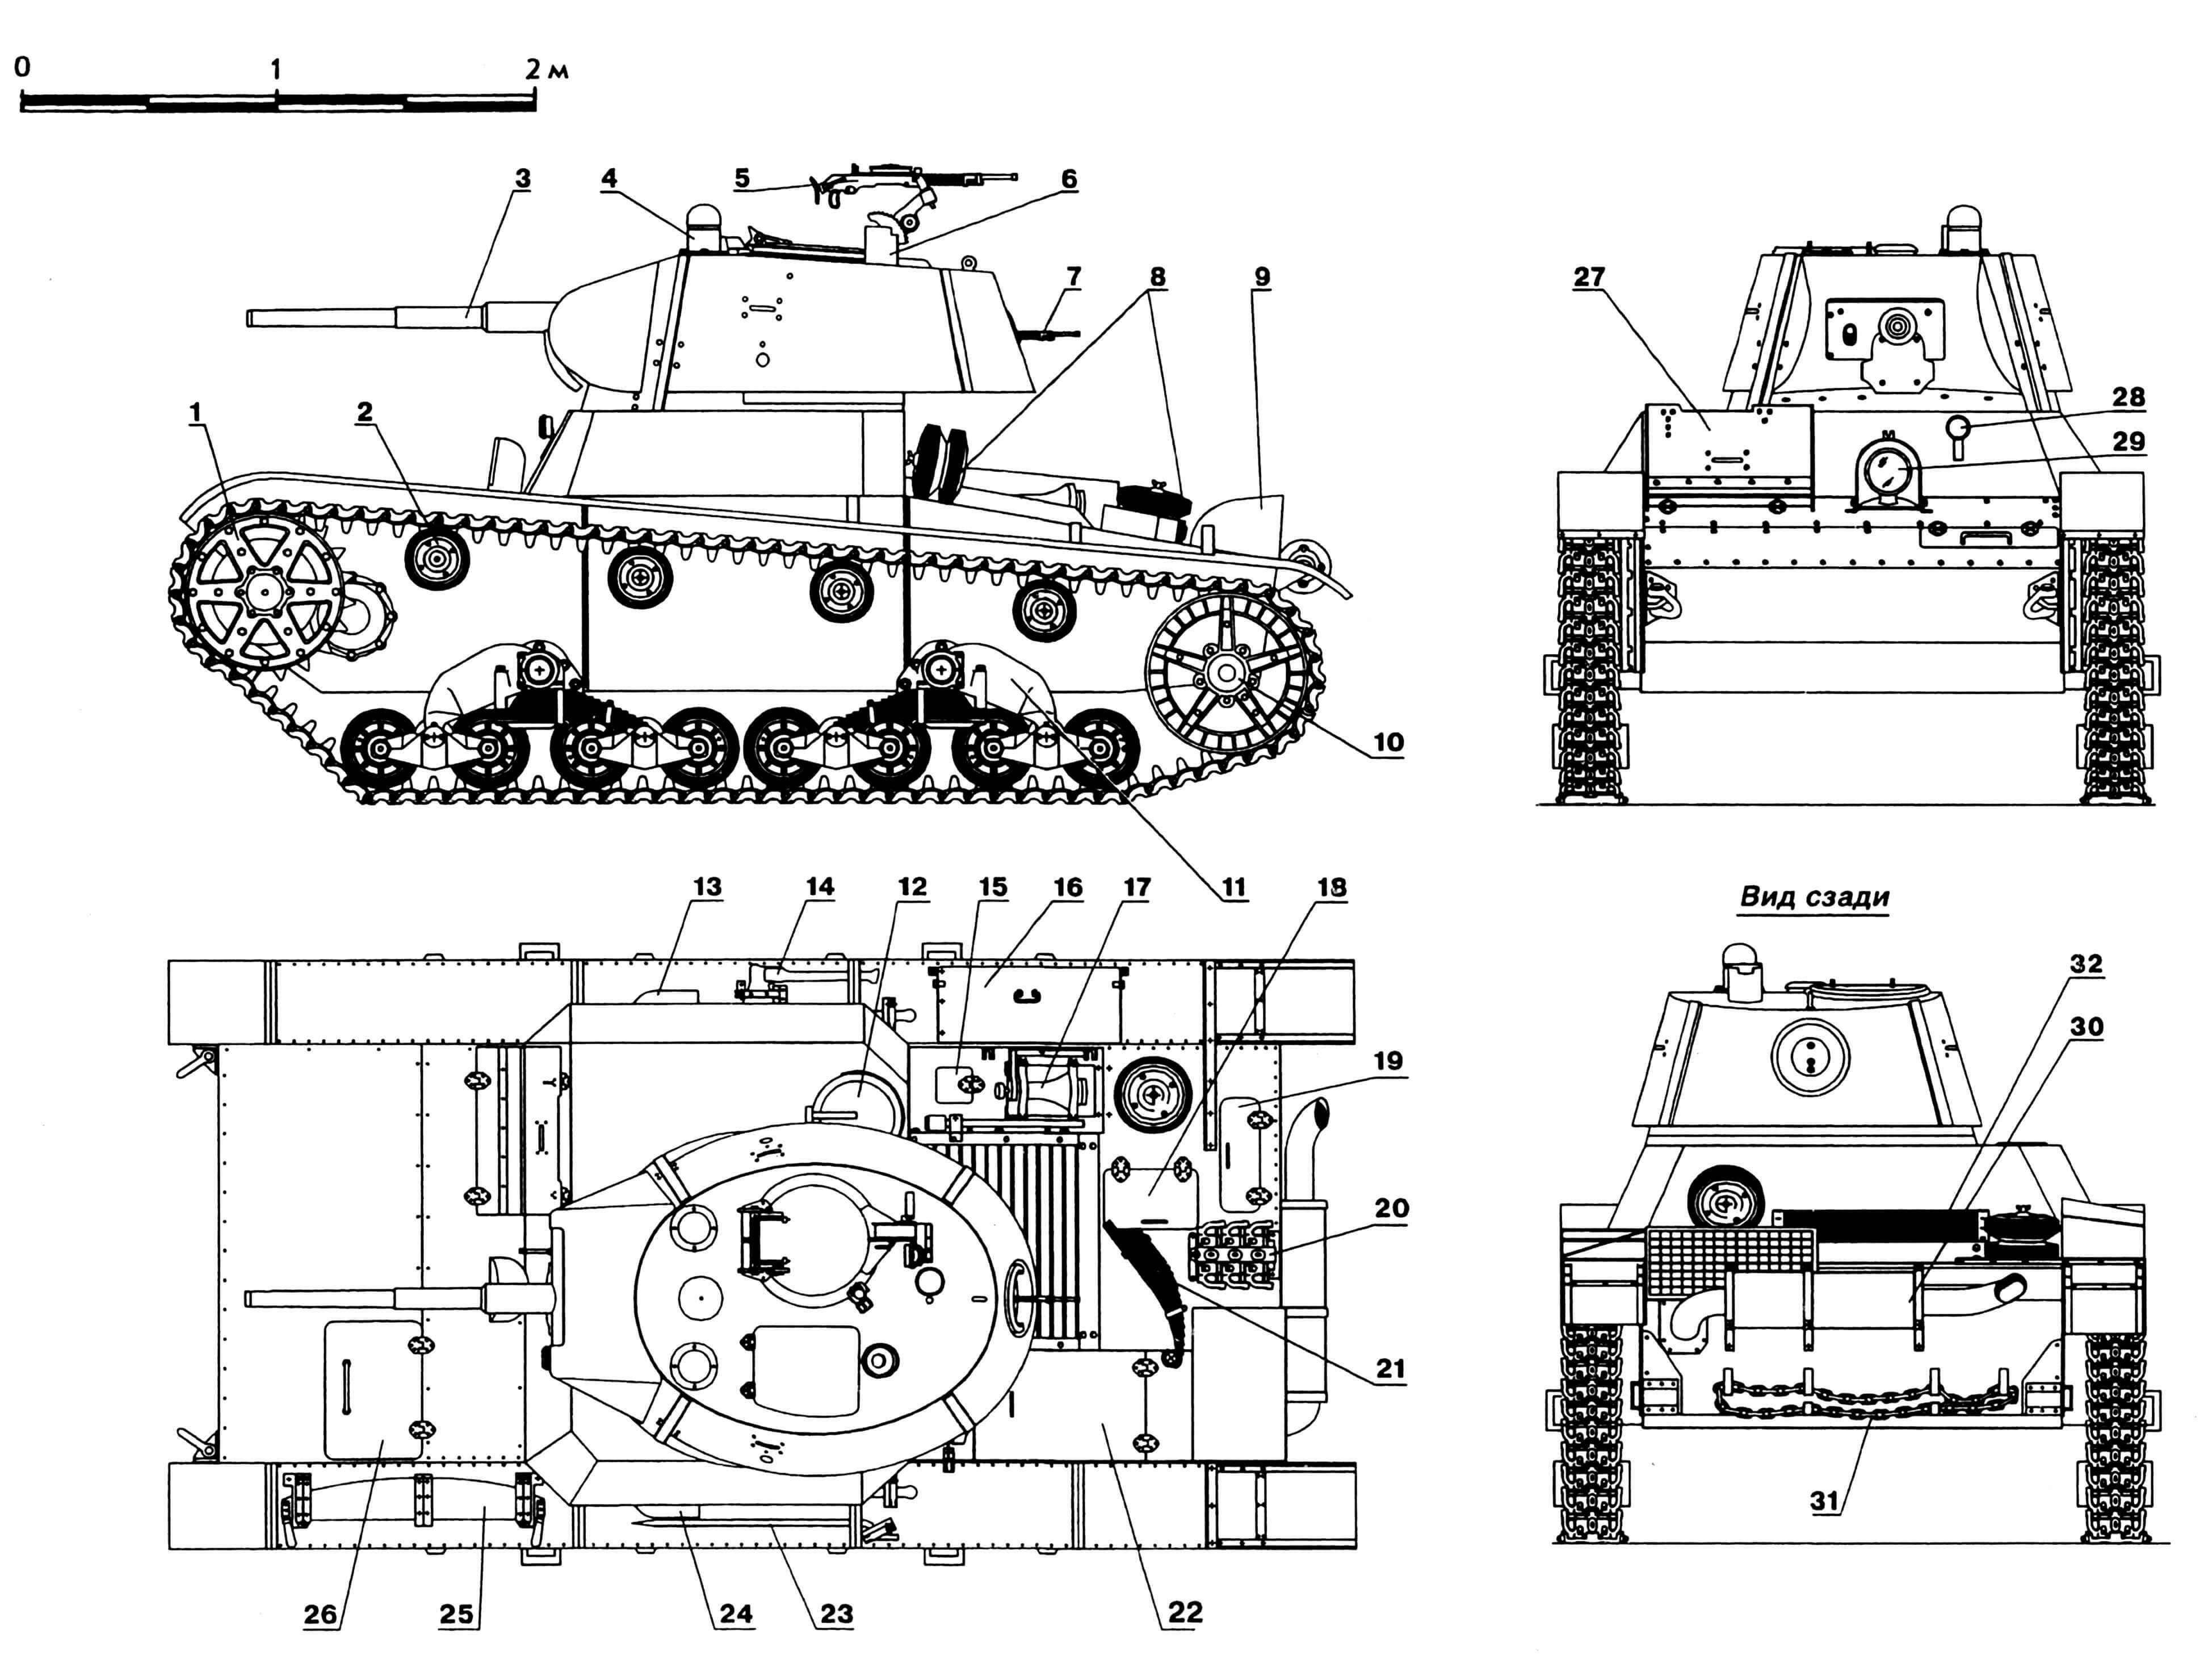 Легкий танк Т-26 (с наклонной подбашенной коробкой и сварным лобовым щитом башни): 1 — колесо ведущее; 2 — каток поддерживающий; 3 — 45-мм пушка 20К; 4 — прицел перископический; 5 — пулемет ДТ зенитный; 6 — бронировка ввода штыревой антенны; 7 — пулемет ДТ кормовой; 8 — катки опорные запасные; 9 — колпак воздушный; 10 — колесо направляющее; 11 — тележка подвески; 12 — люк для вентиляции; 13,24 — лопаты саперные; 14 — топор; 15 — люк к горловине бензобака; 16 — ящик ЗИП; 17 — домкрат; 18 — люк магнето и генератора; 19 — люк к горловинам масляного и бензинового баков; 20 — траки запасные; 21 — рессора запасная; 22 — люк к двигателю; 23 — лом; 25 — пила; 26 — люк для доступа к бортовым фрикционам и коробке передач; 27 — люк механика-водителя двухстворчатый; 28 — сигнал; 29 — фара; 30 — глушитель; 31 — цепь буксирная; 32 — жалюзи. На видах сверху, спереди и сзади зенитный пулемет условно не показан.